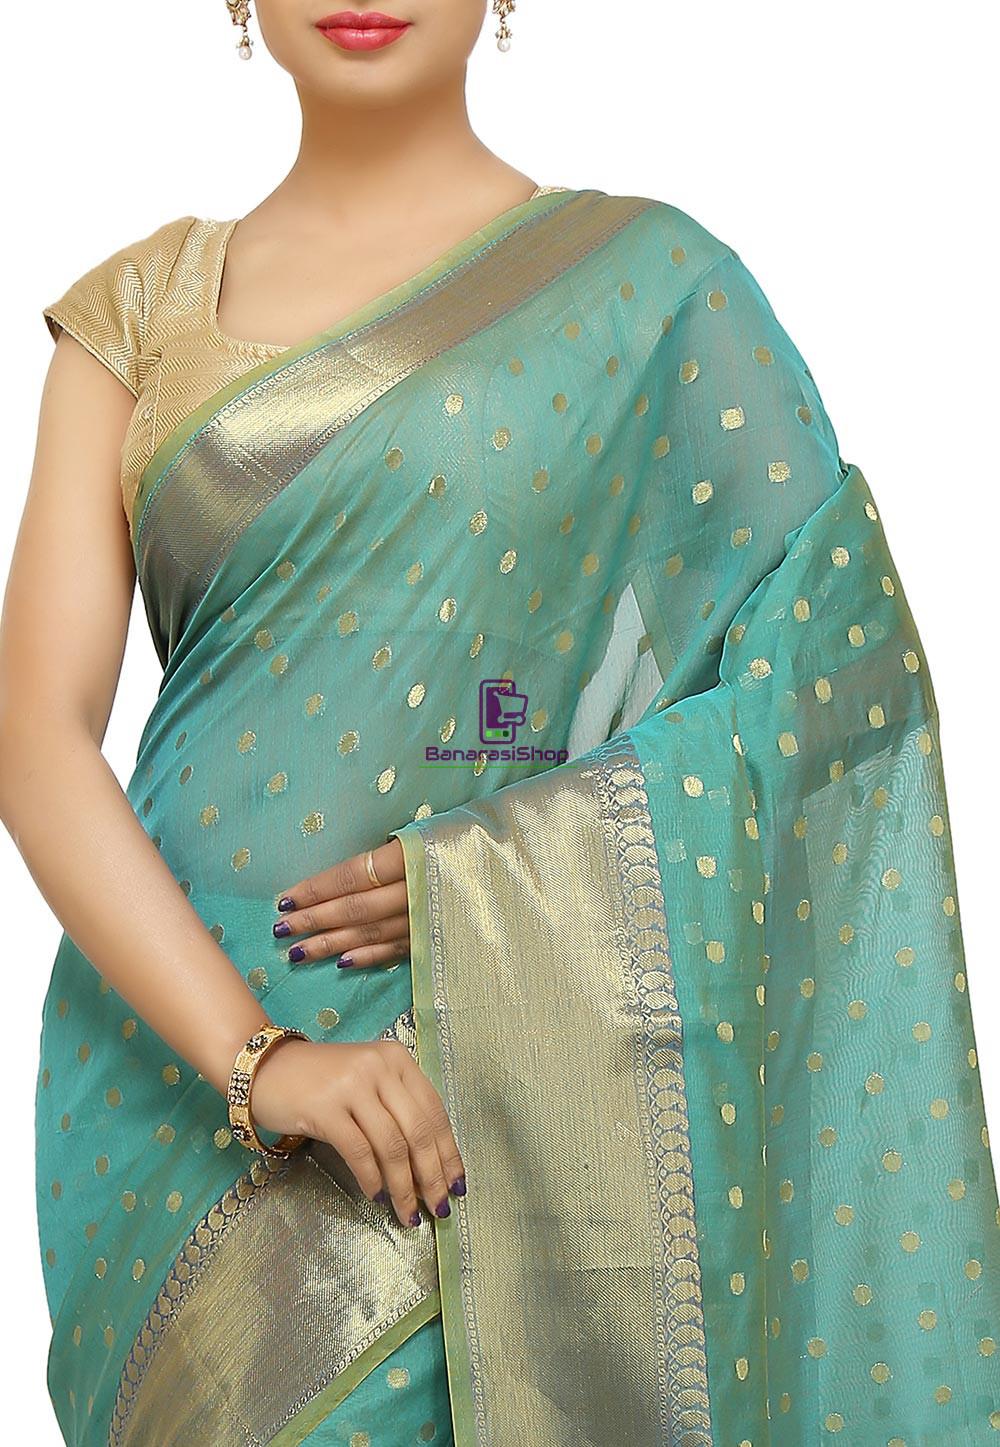 Banarasi Saree in Turquoise 2